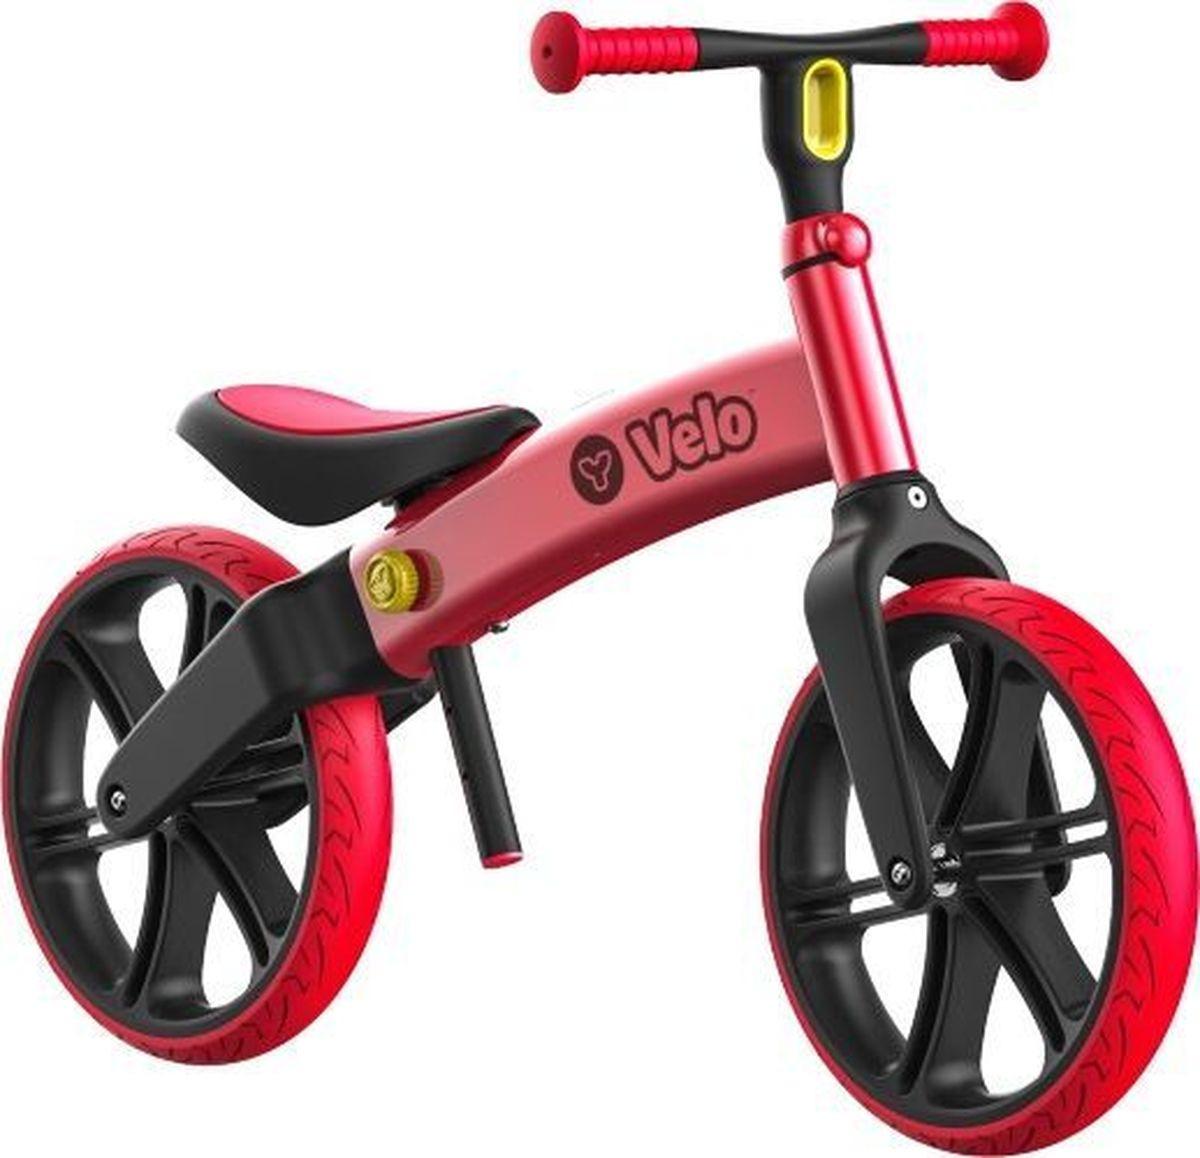 Беговел YVolution Velo Balance, 101051, красный101051Беговел Yvolution Velo Balance - превосходный классический беговел, который сделает прогулки малыша веселыми и увлекательными, а также научит ребенка держать равновесие. Беговел Velo Balance предназначен для детей в возрасте от 3 лет и станет прекрасным первым балансиром и полезным детским транспортом. Беговел окрашен в красный и черный цвета. Эргономичное сидение и удобный руль регулируются по высоте в три положения, таким образом беговел будет расти вместе с ребенком. Ваш малыш будет легко доставать ногами до земли. Основные характеристики:12-дюймовые колеса c проколостойкими шинами;Максимальная высота руля - 57 см;Максимальная высота сиденья - 43 см;Облегченная алюминиевая рама;Усиленные подшипники картриджного типа;Высокий дорожный просвет для повышенной безопасности;Удобное сиденье и геометрия рамы;Регулируемые сиденье и руль в зависимости от роста ребенка.Максимально допустимый вес ребенка: 20 кг.Вес беговела 4 кг.